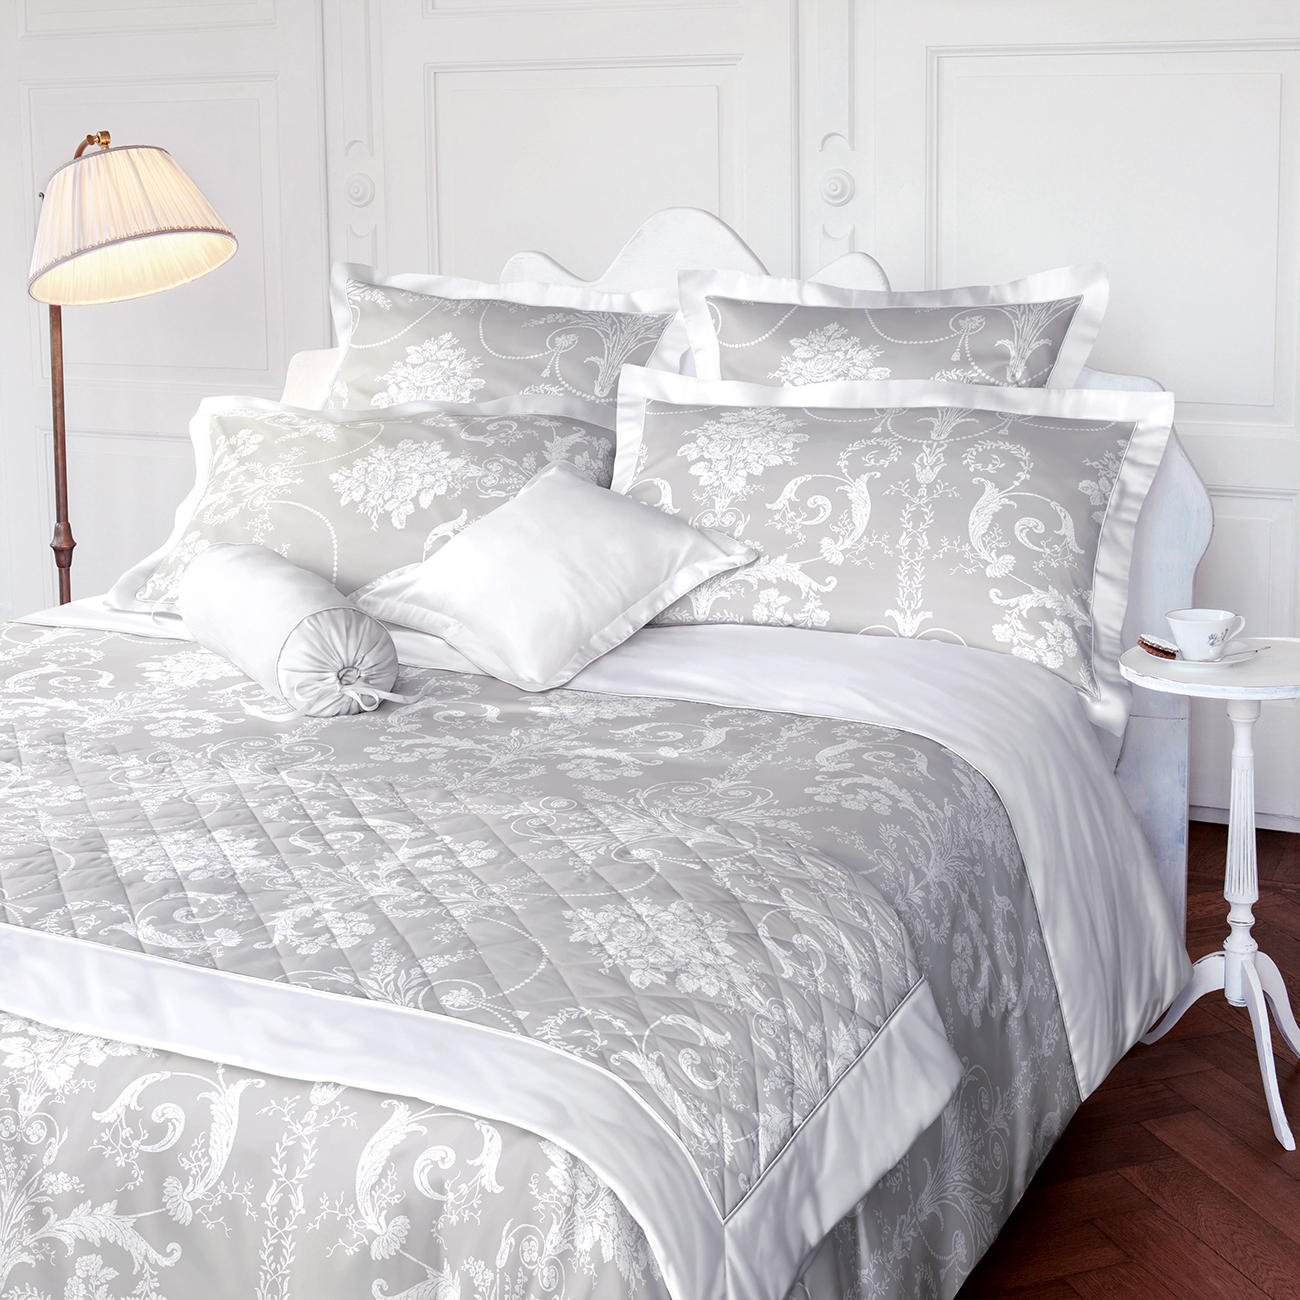 laura ashley dorset silver mit 3 jahren garantie. Black Bedroom Furniture Sets. Home Design Ideas